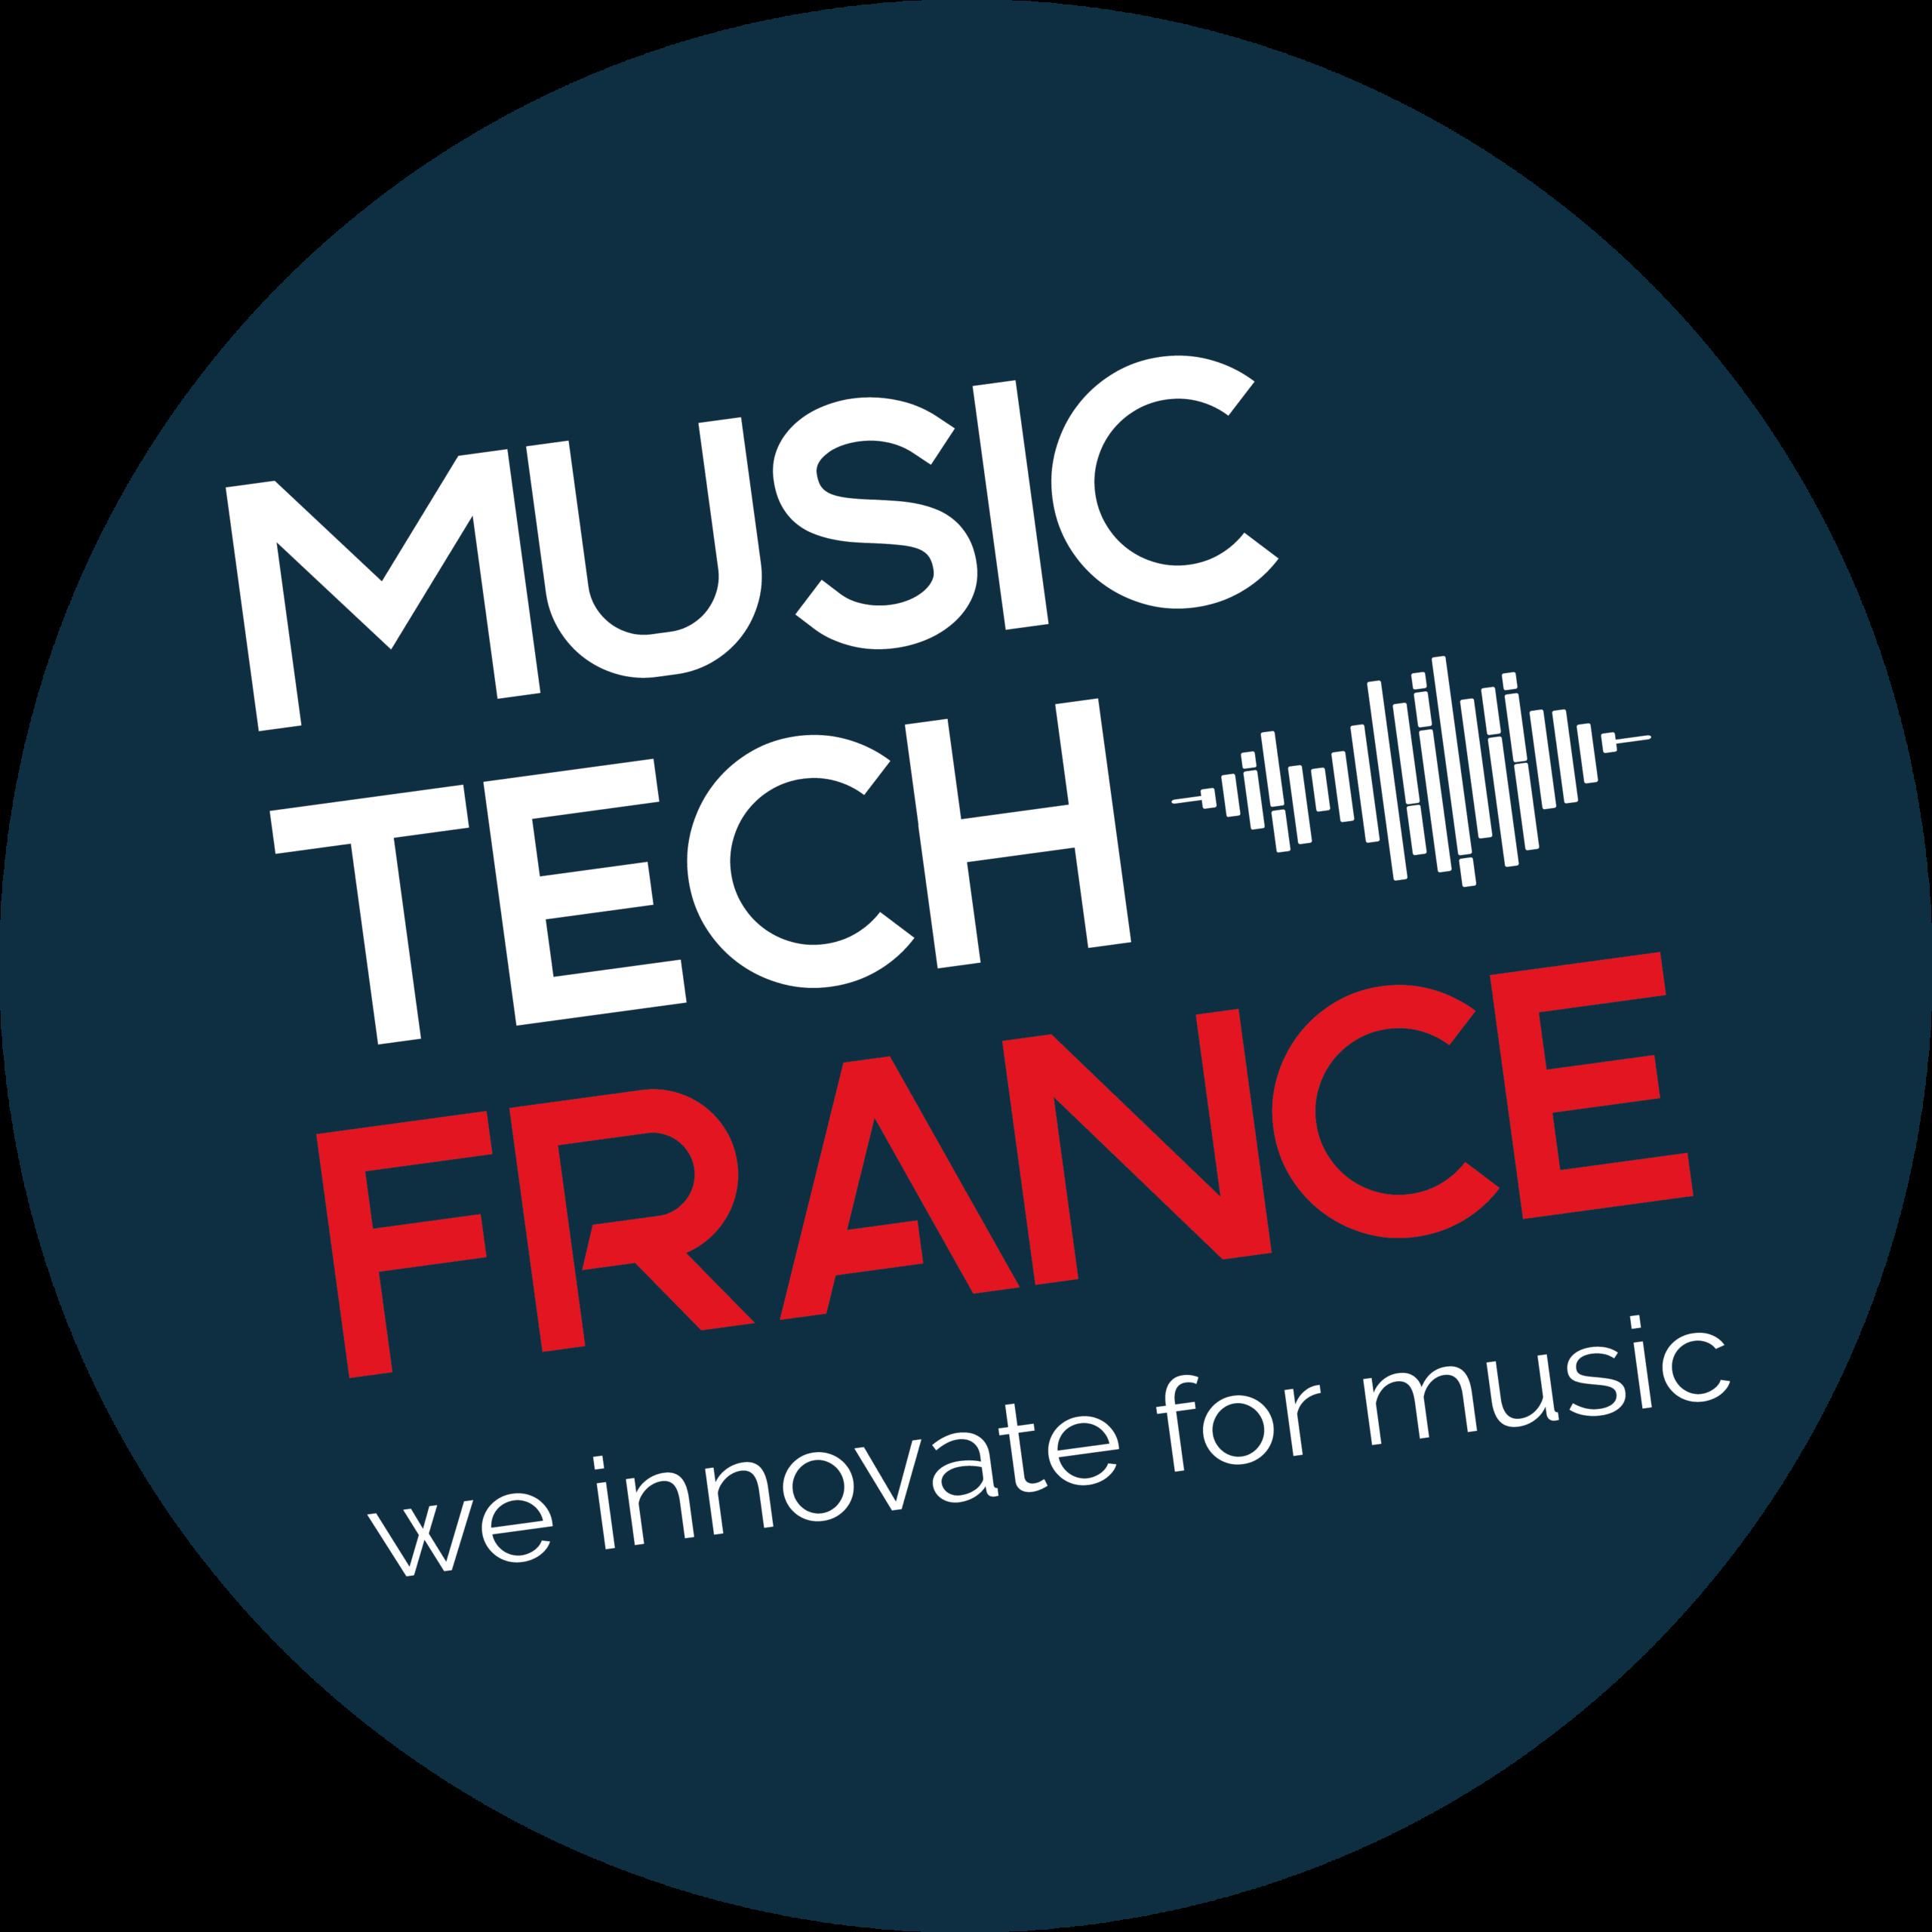 MusicTech France Plaine images